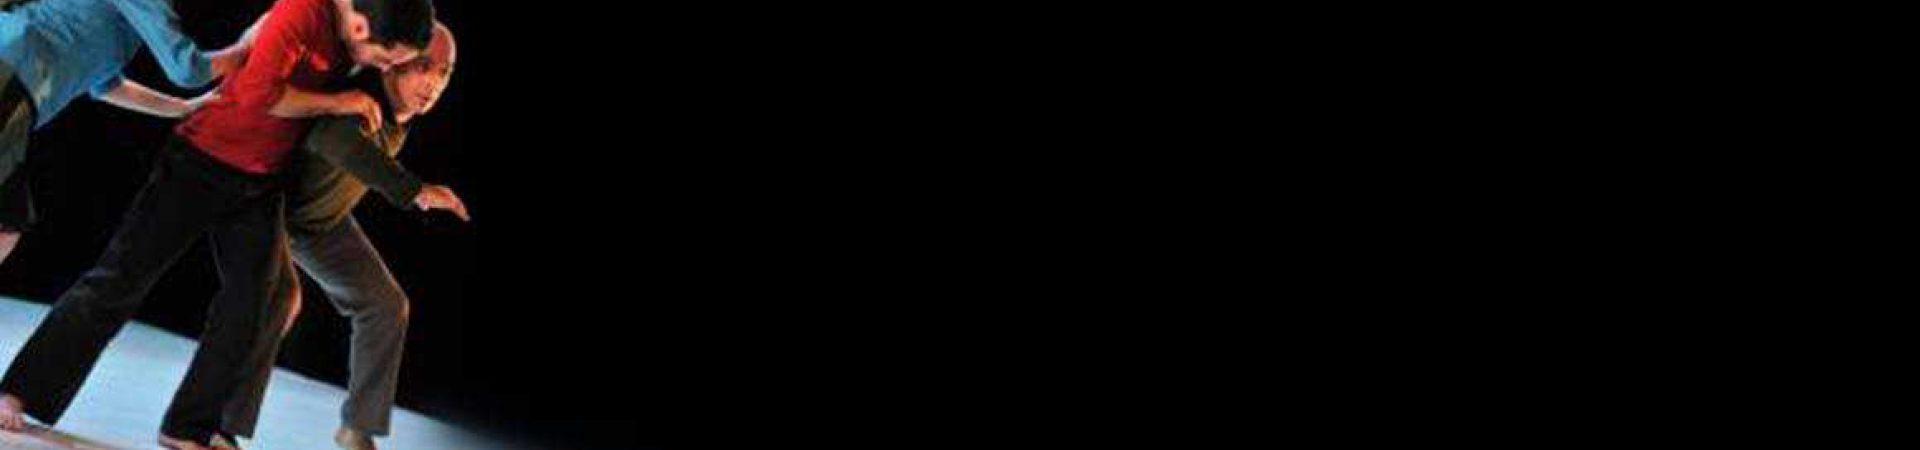 Quadricromia en I.K. - Reprise de rôle 2012